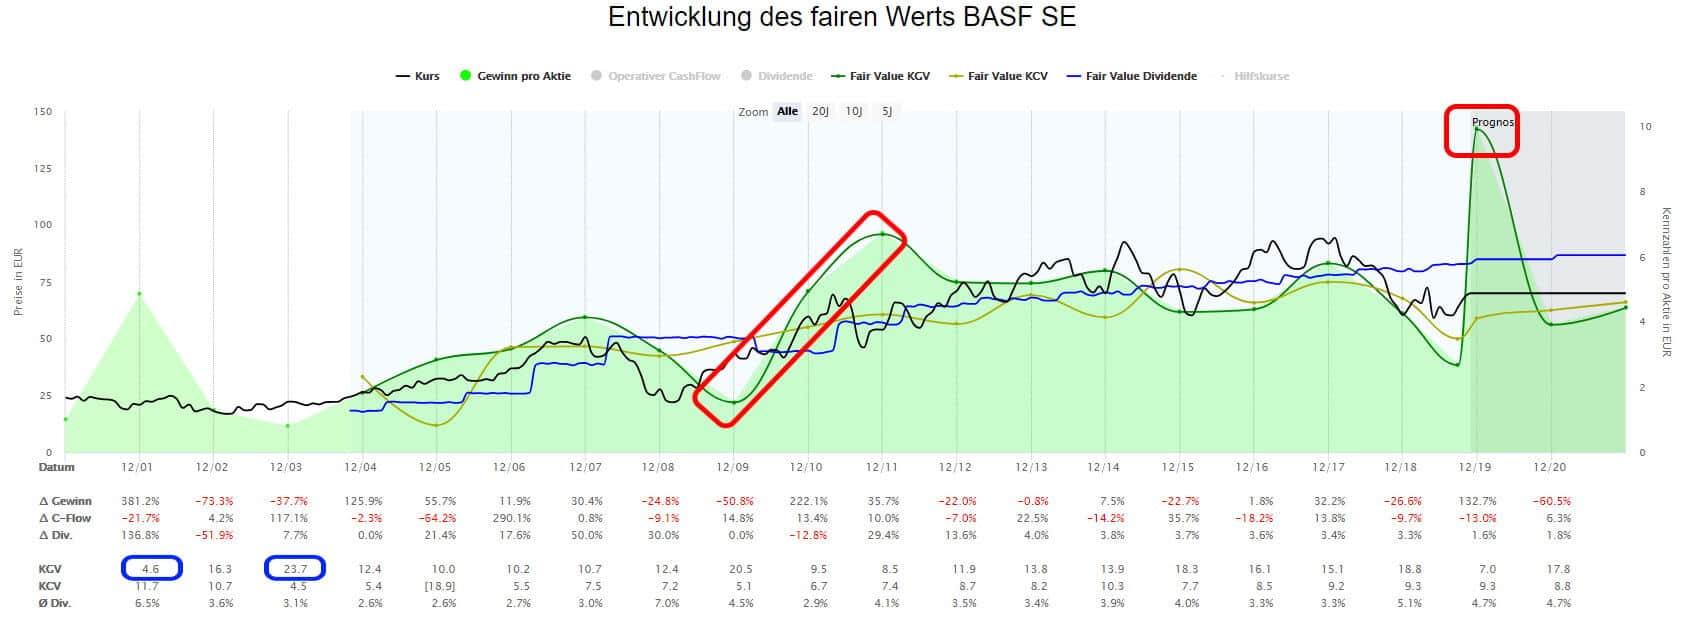 BASF Aktie in der Dynamischen Aktienbewertung